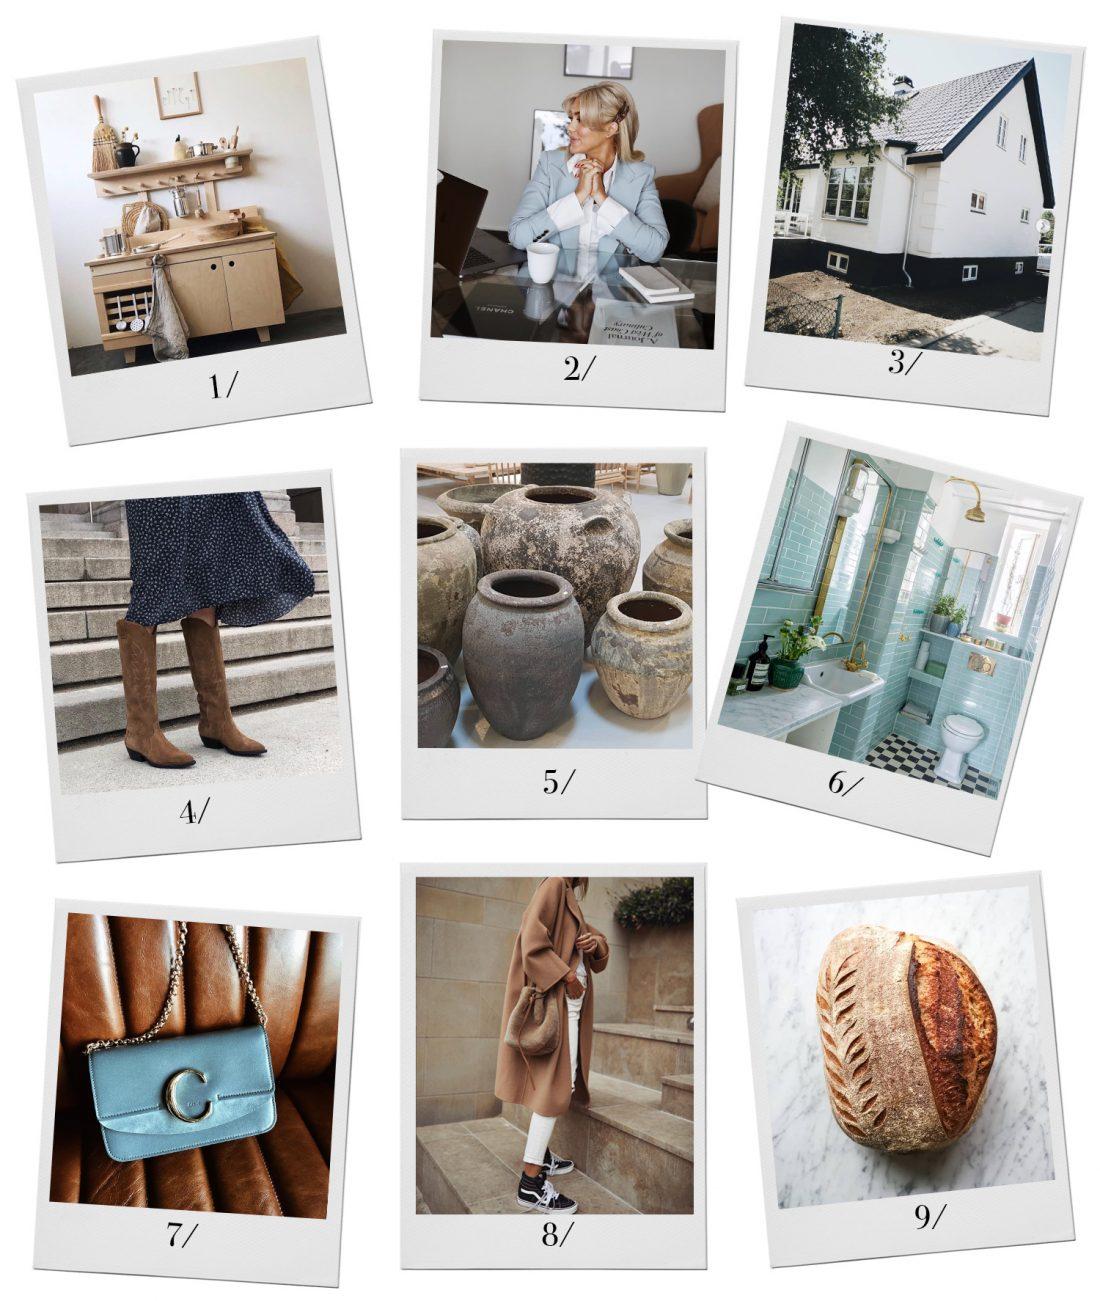 gemt-fra-instagram